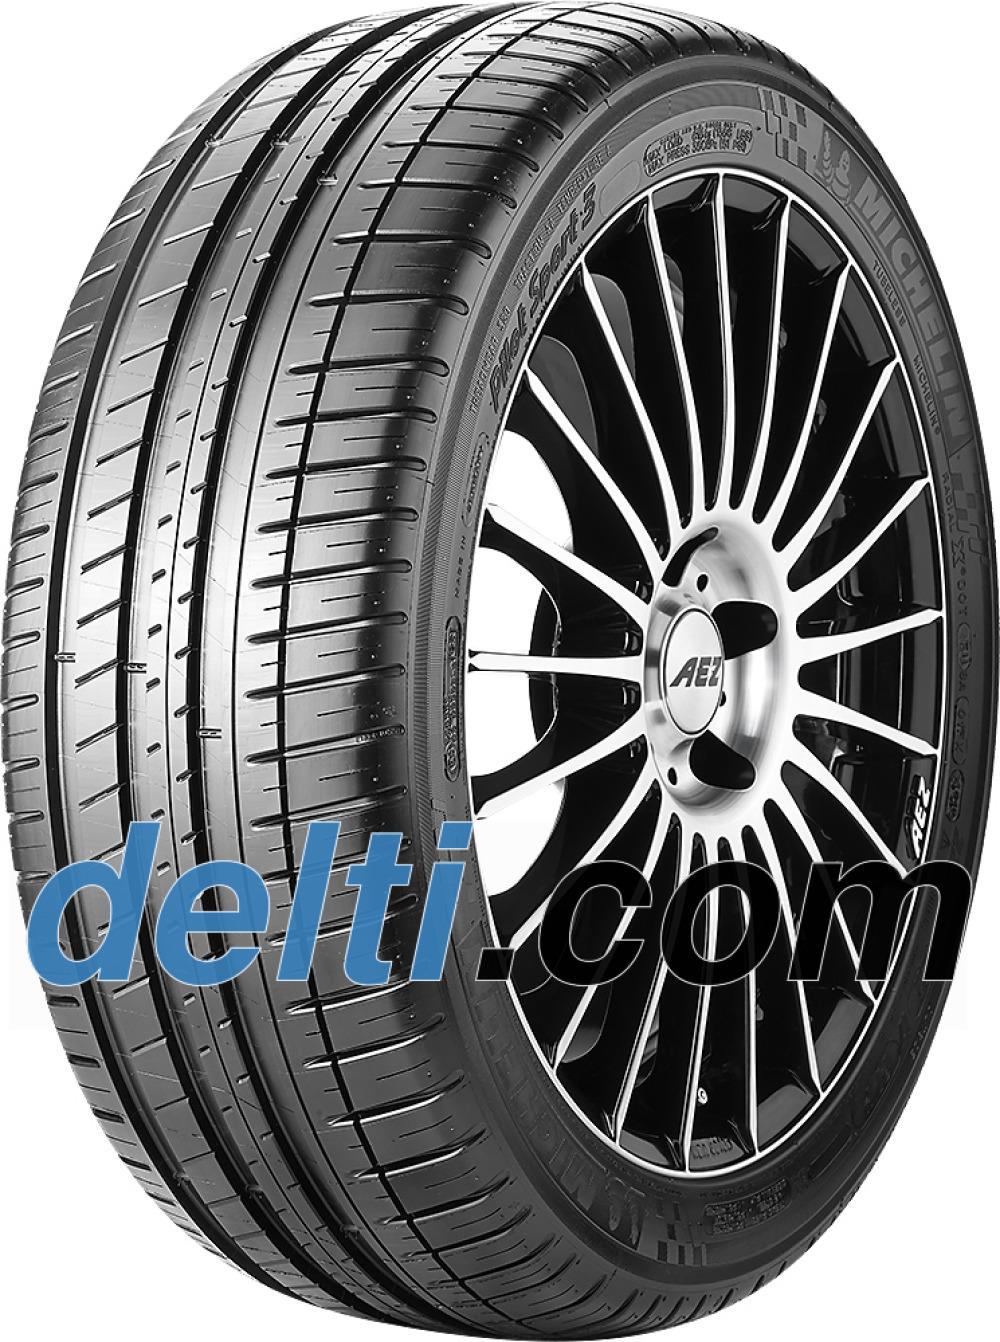 Michelin Pilot Sport 3 ( 245/40 ZR18 97Y XL AO, GRNX, avec rebord protecteur de jante (FSL) )